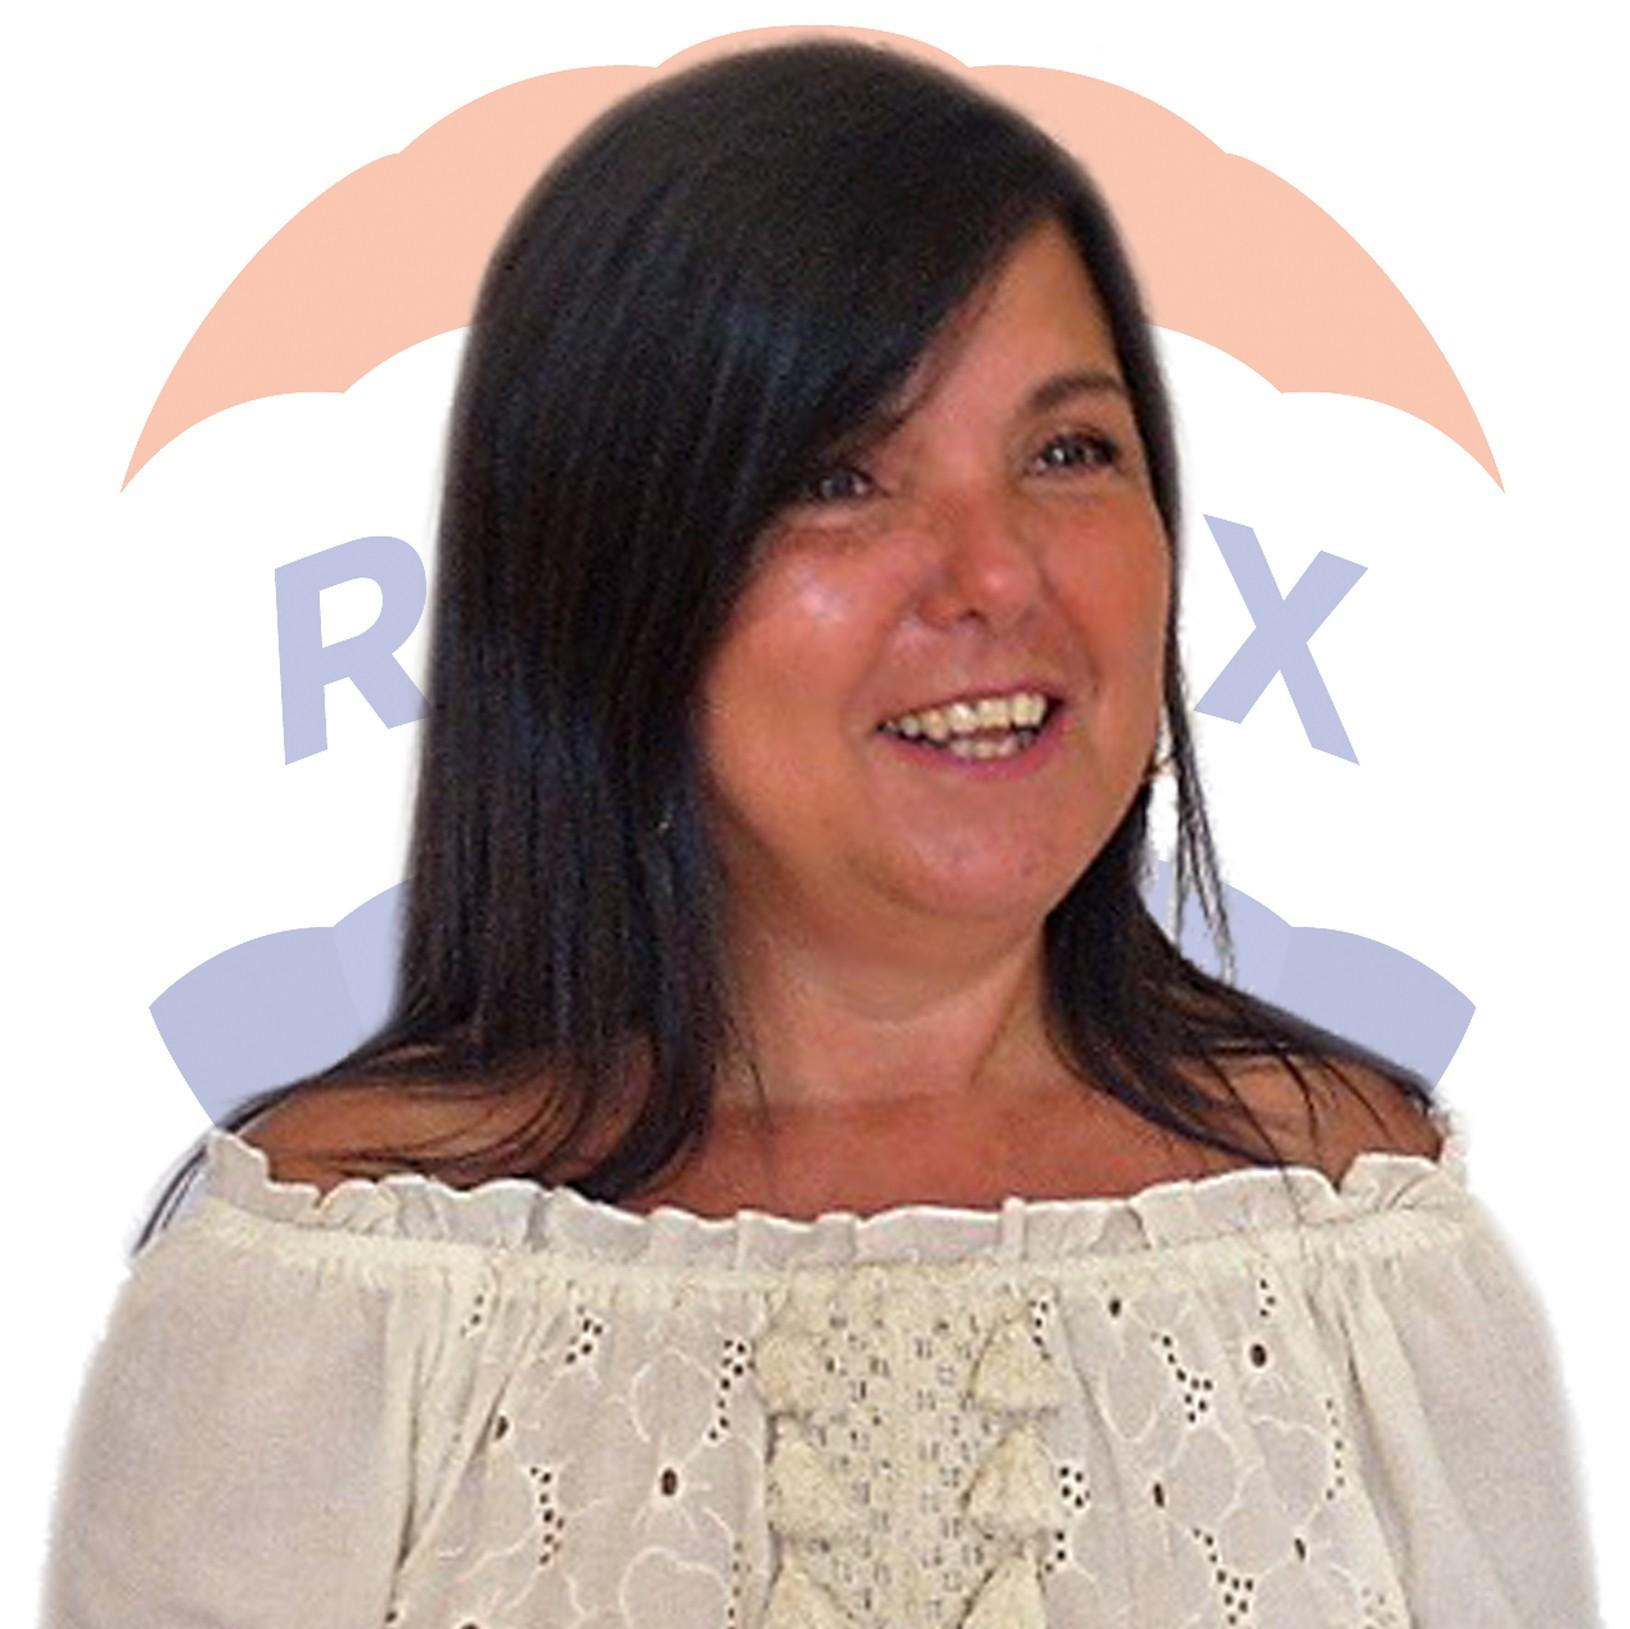 Mili Álvarez Pereira